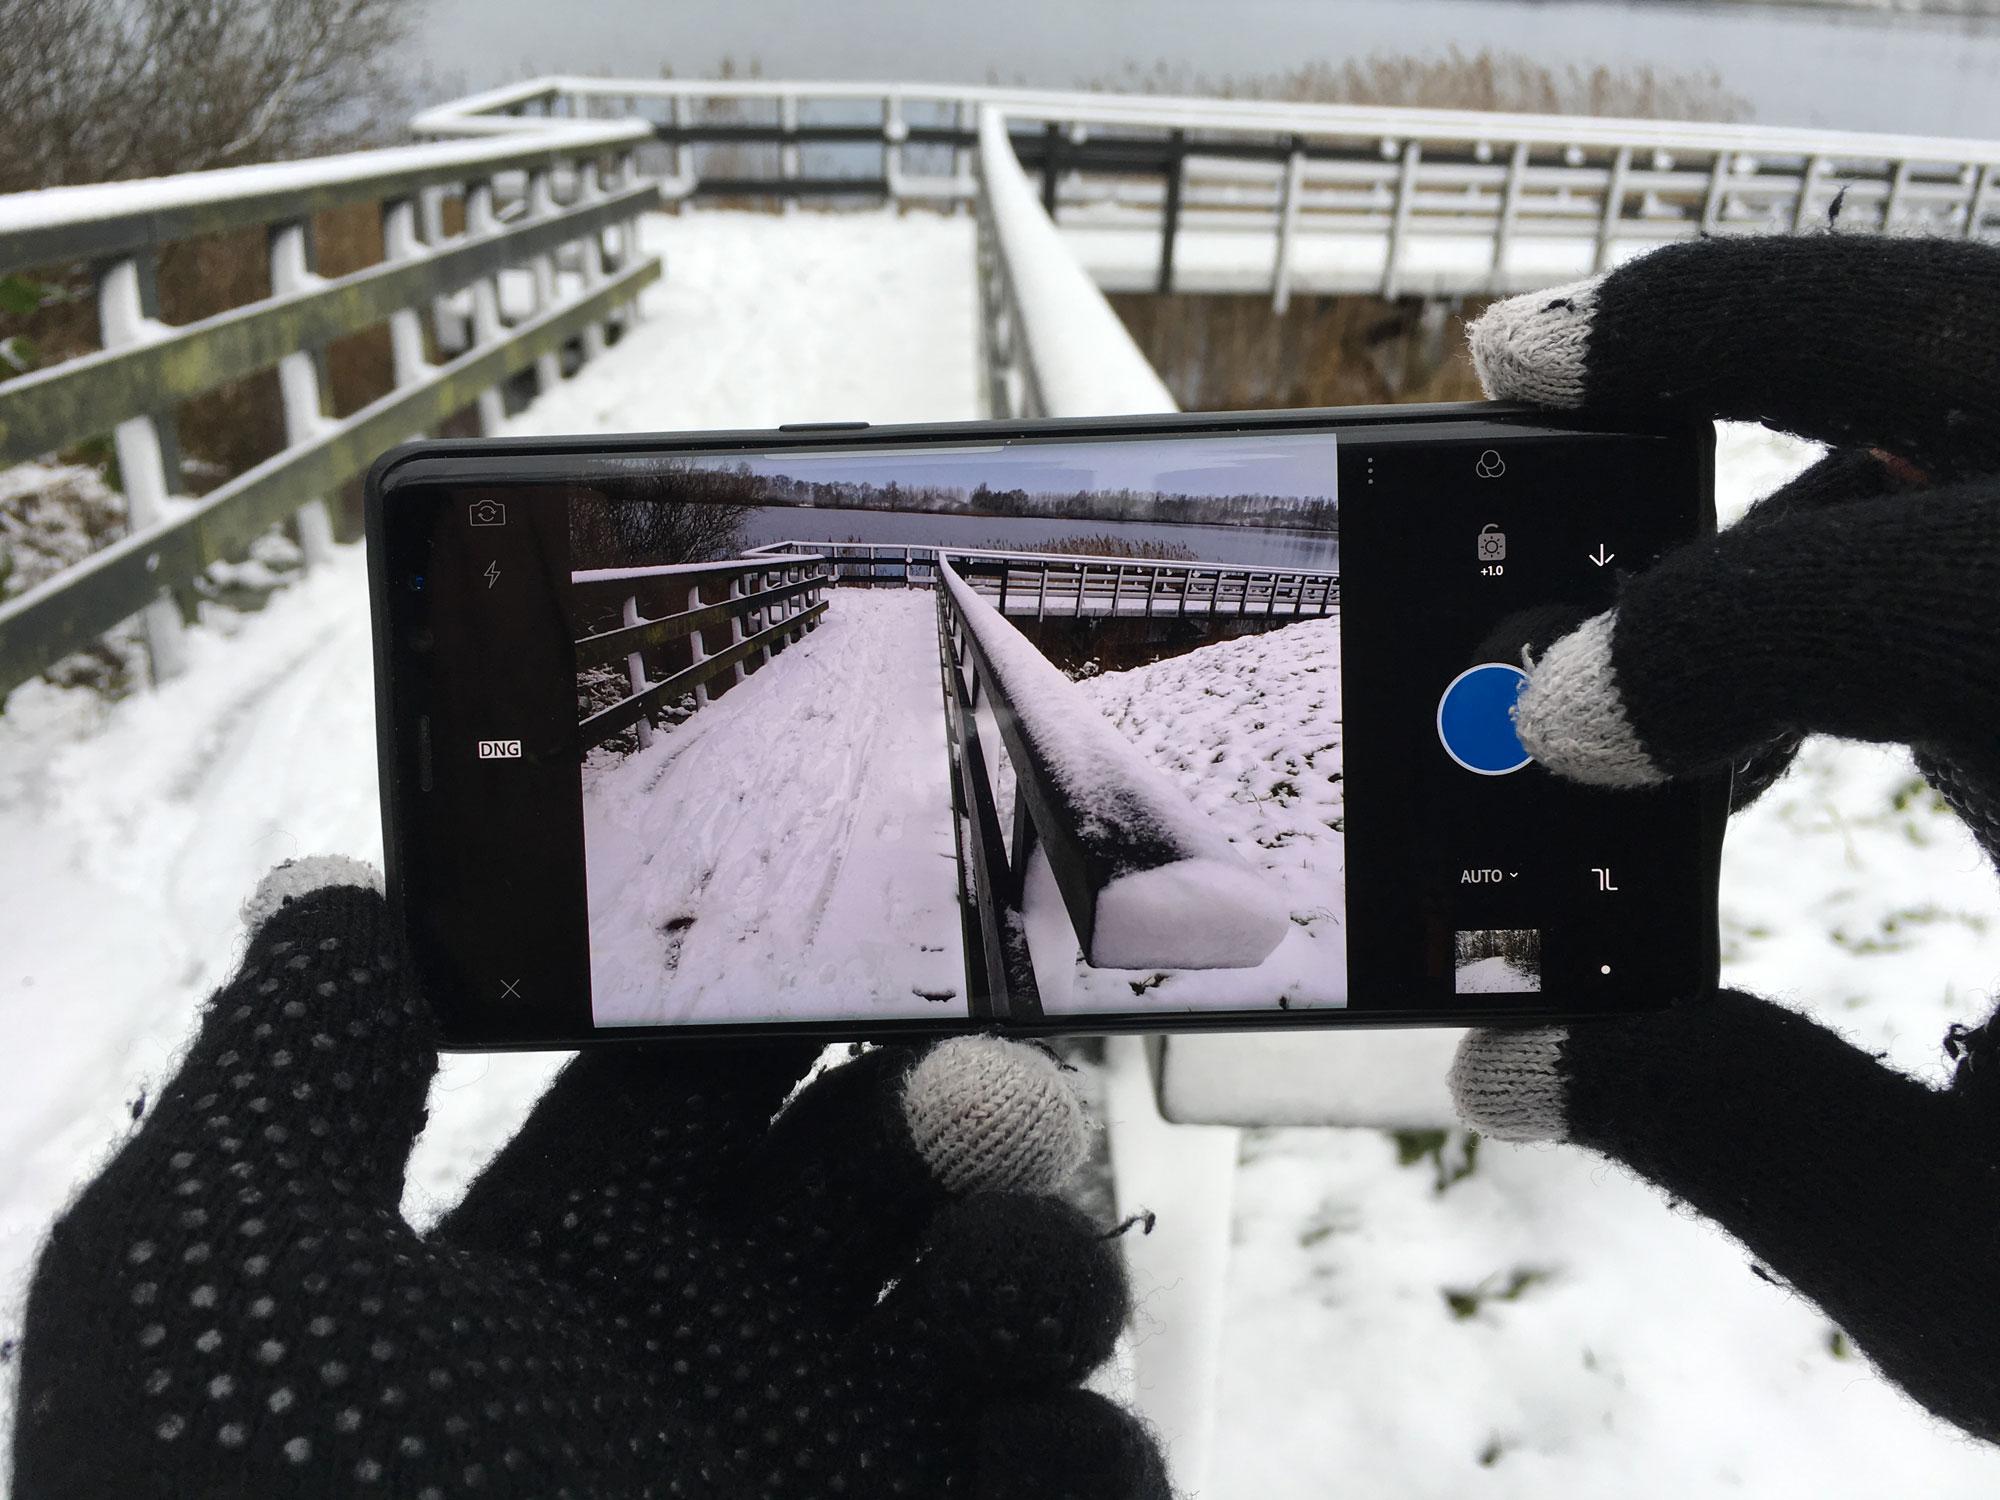 foto maken van brug in sneeuw